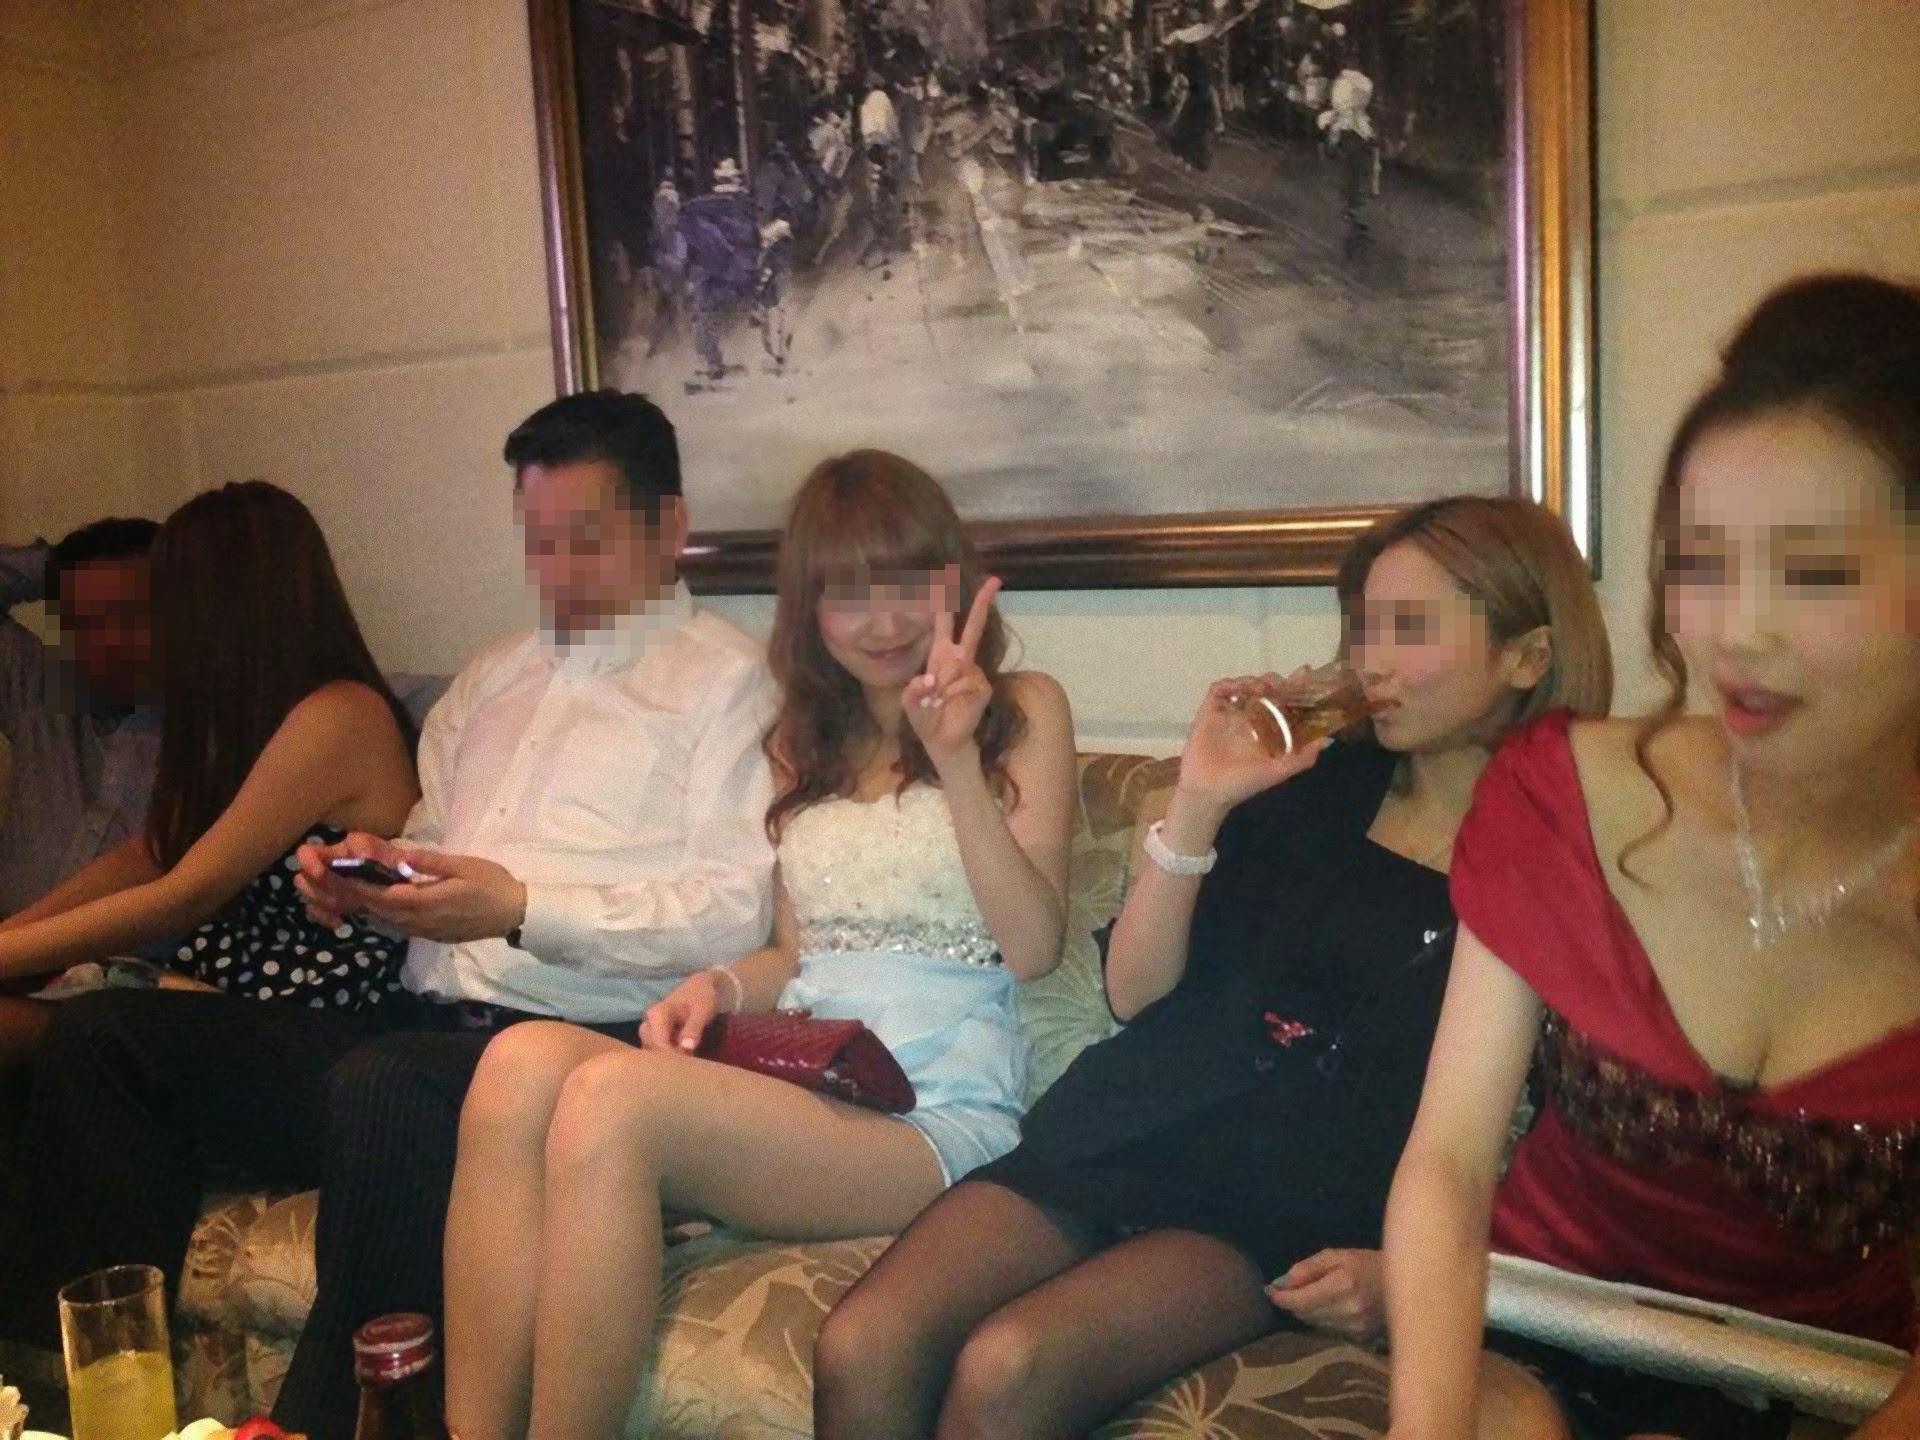 【パンチラエロ画像】ミニスカ女子が前列だから当然…半永久的に丸見えな記念写真パンチラwww 03